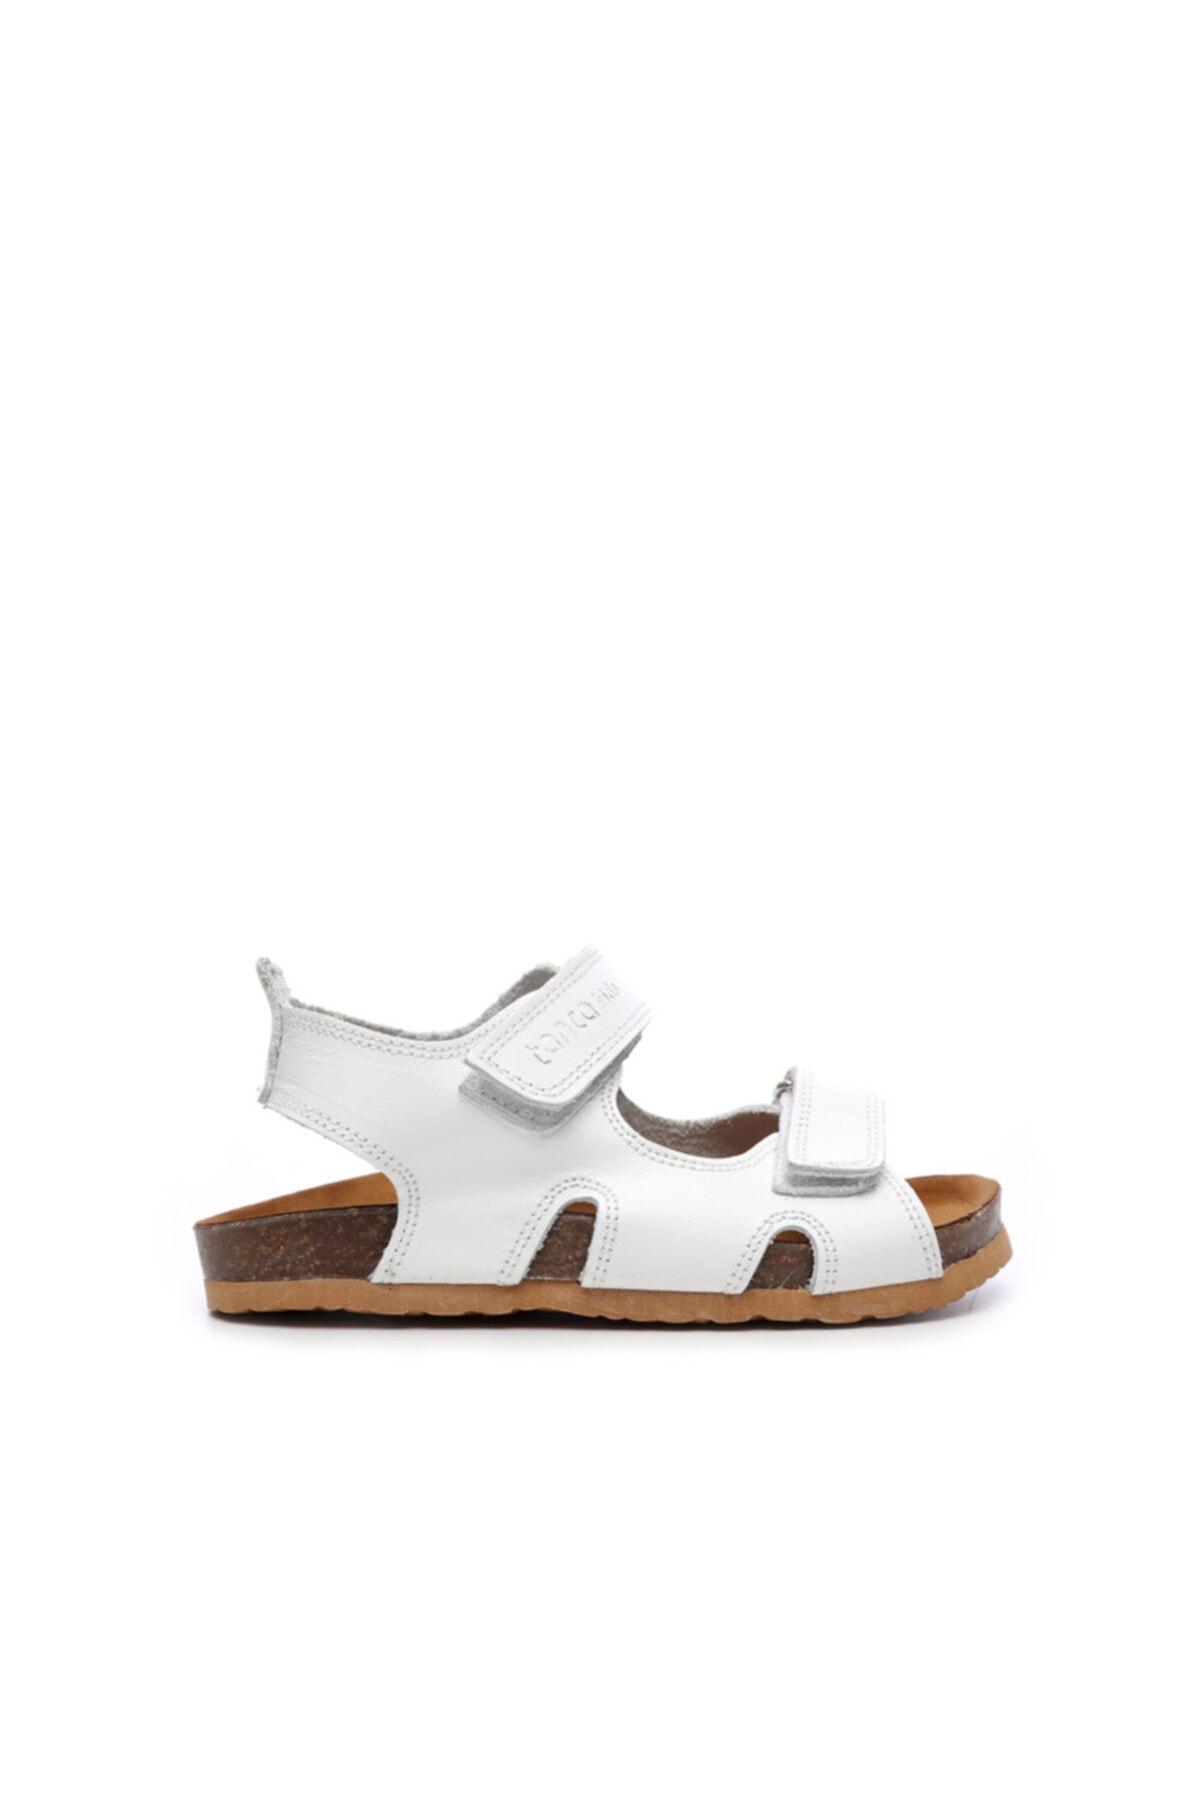 KEMAL TANCA Unisex Çocuk Beyaz Derı Sandalet 719 300 Cck 22-30 Y19 1